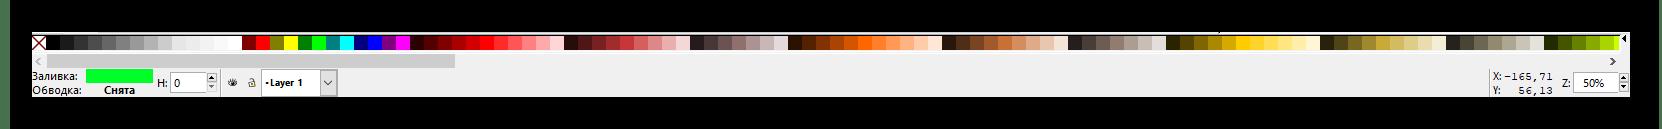 Образцы цветов и панель состояния в Inkscape